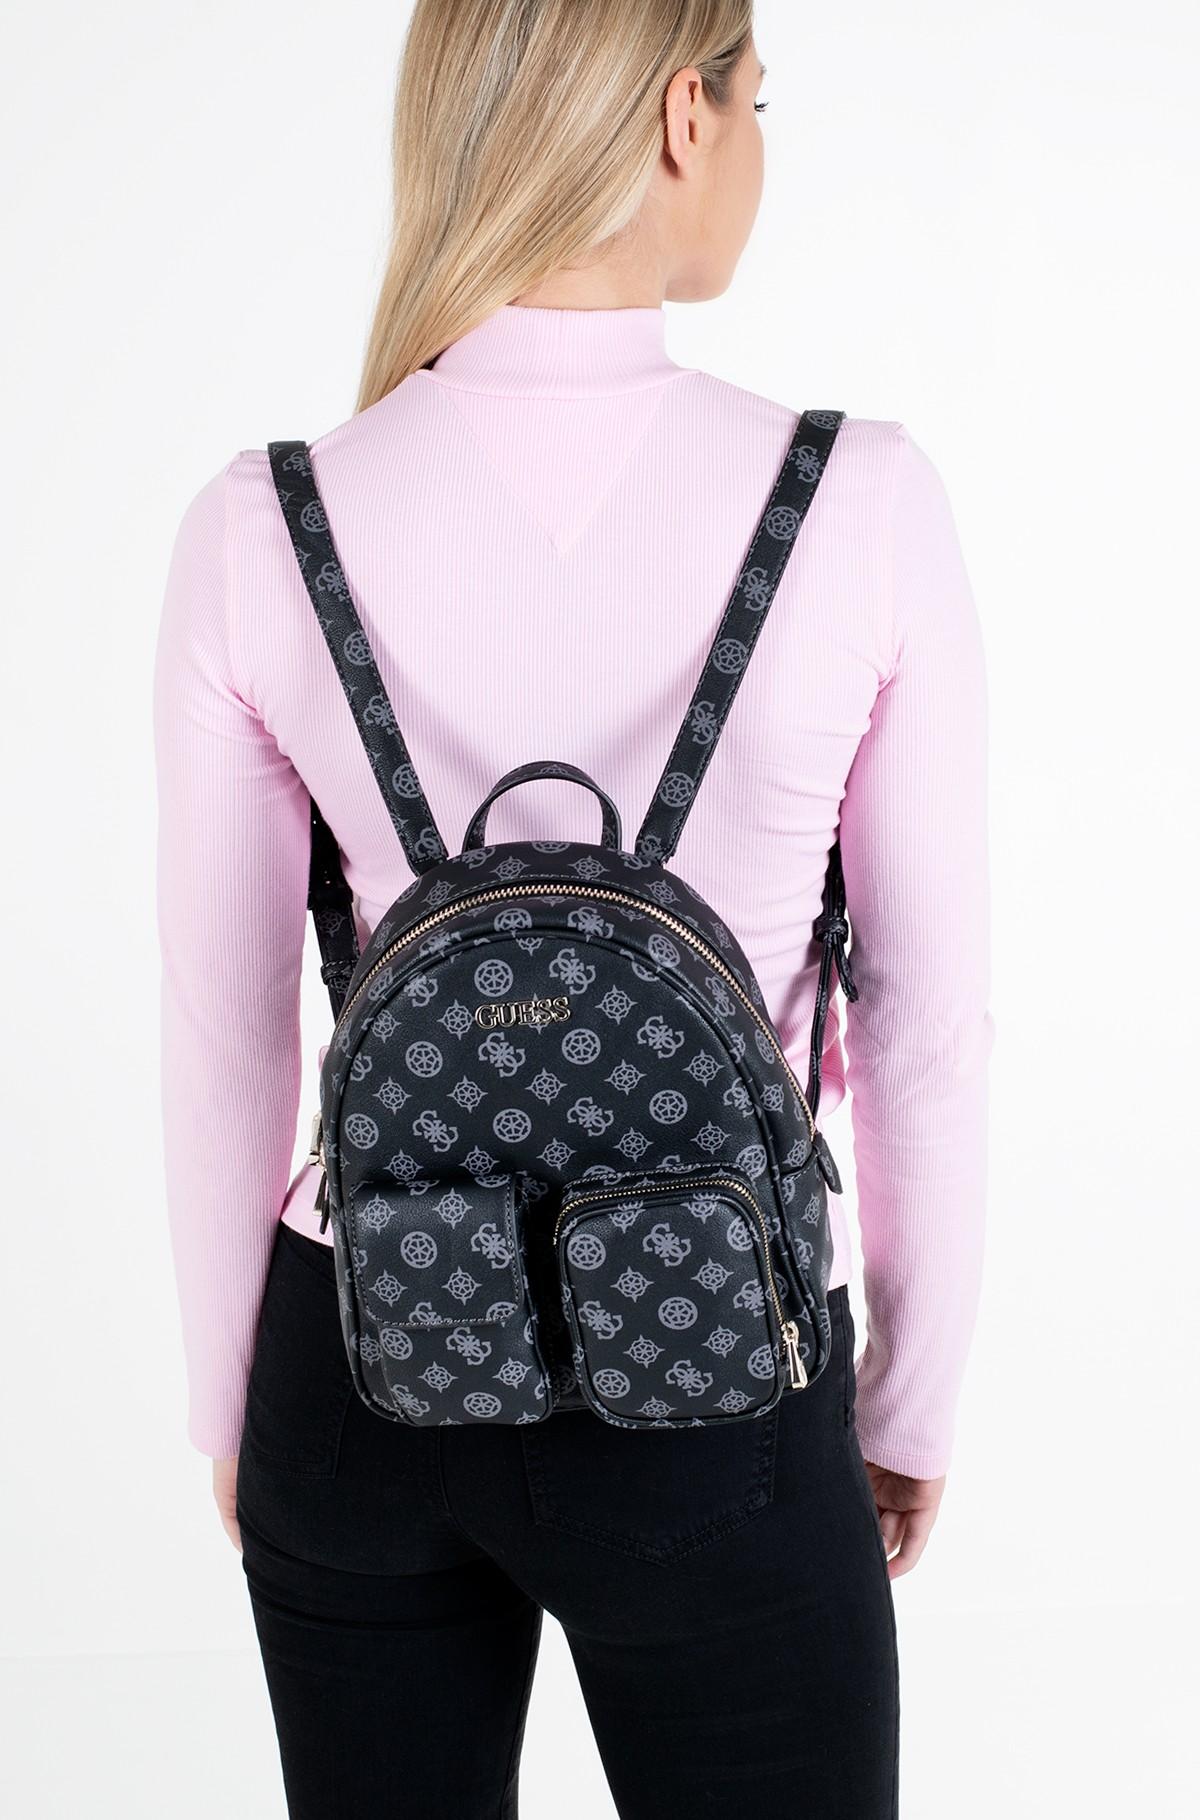 Backbag HWSP77 51320-full-1